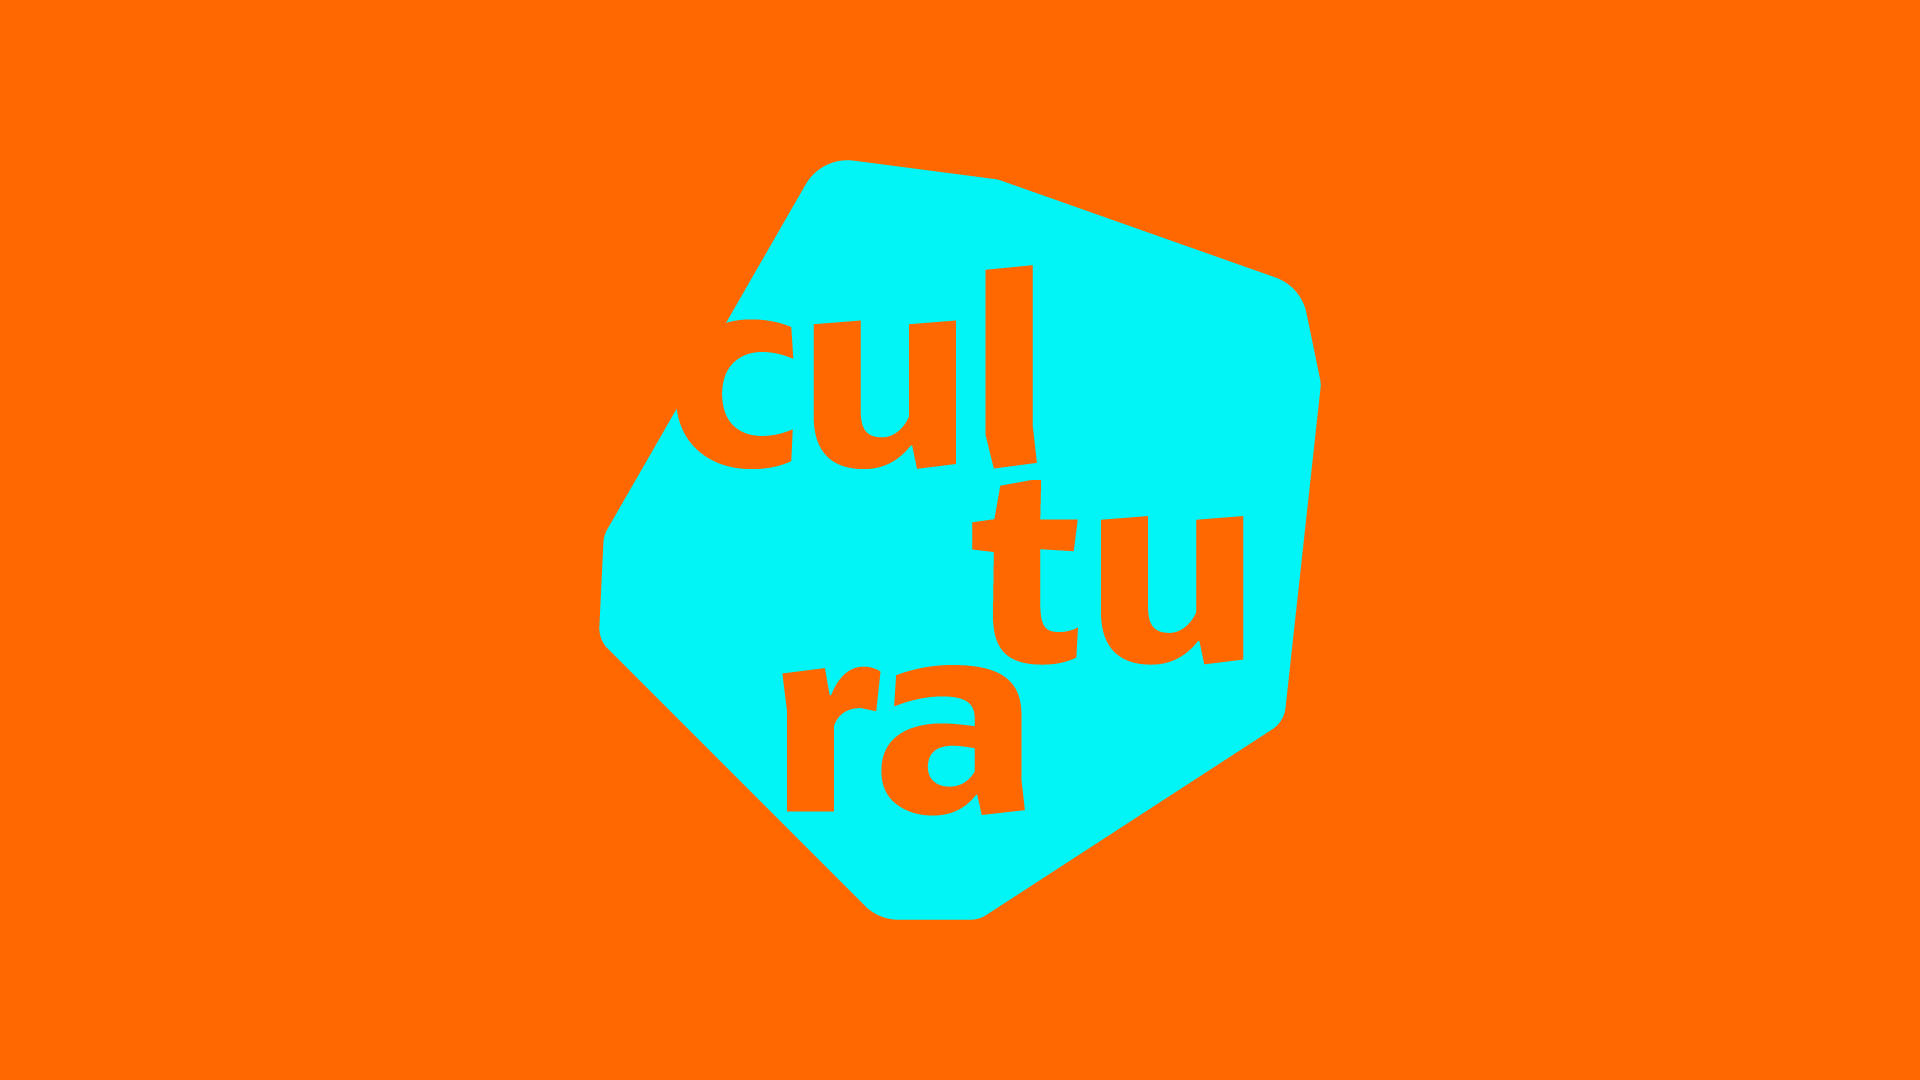 cultura_flatlogo-03